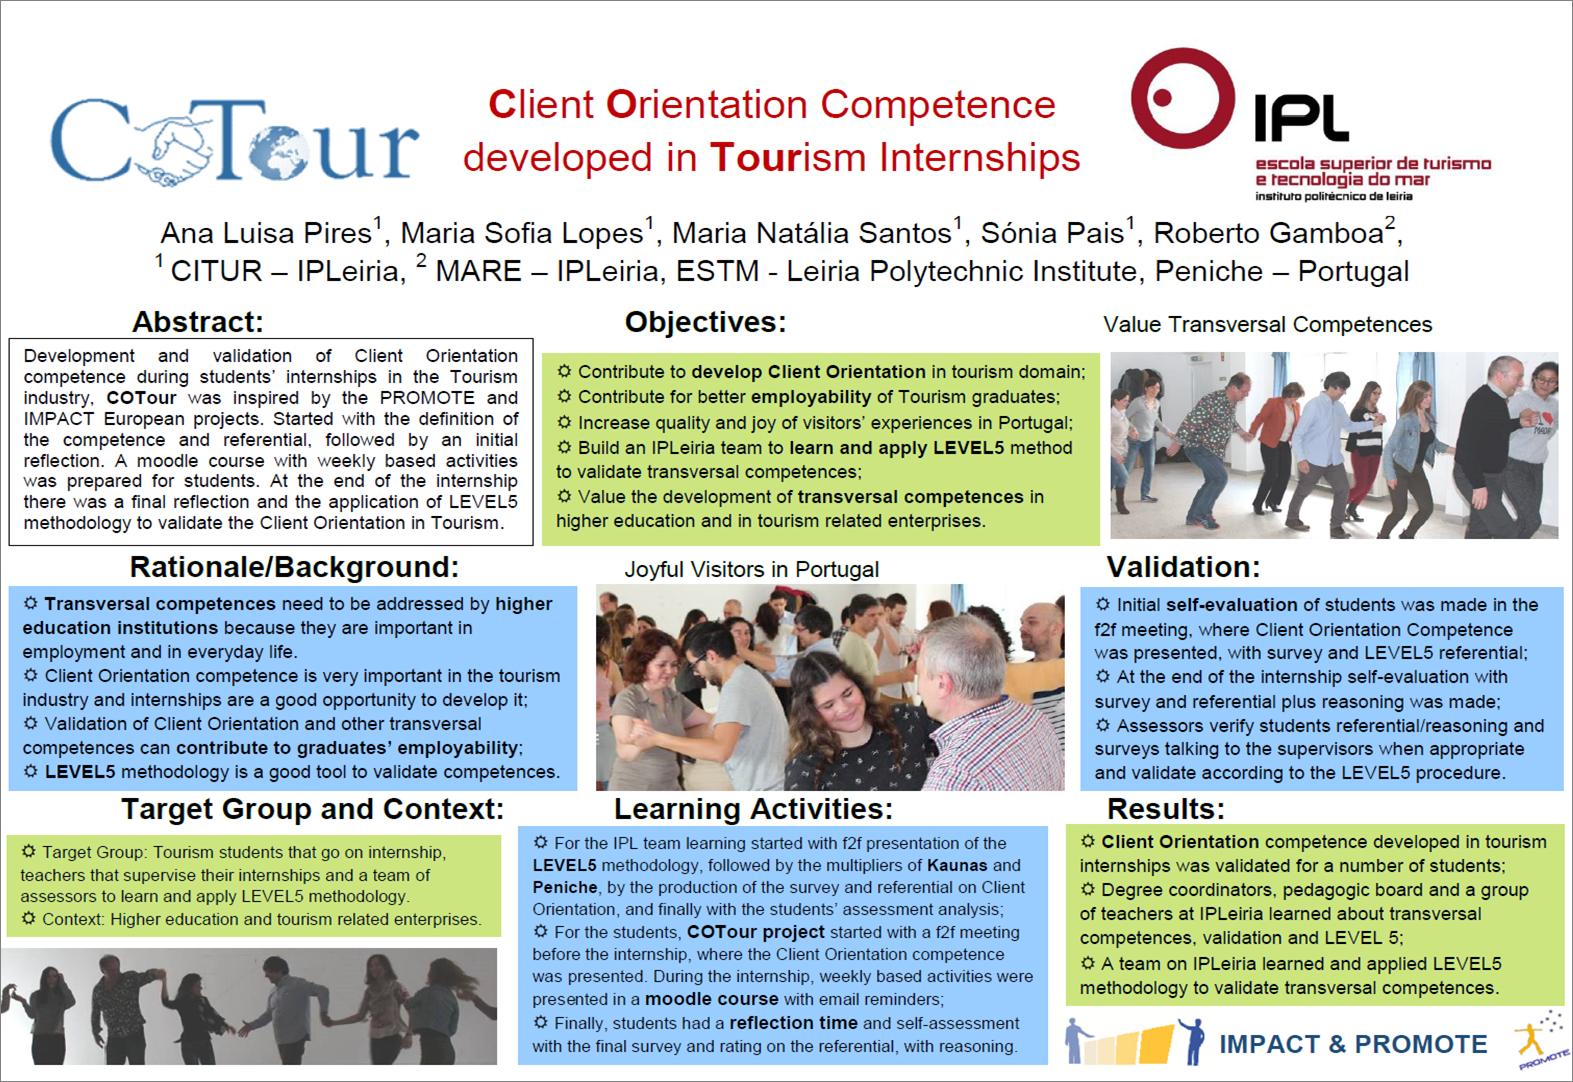 IPL_Client_orientation_in_Tourism.png